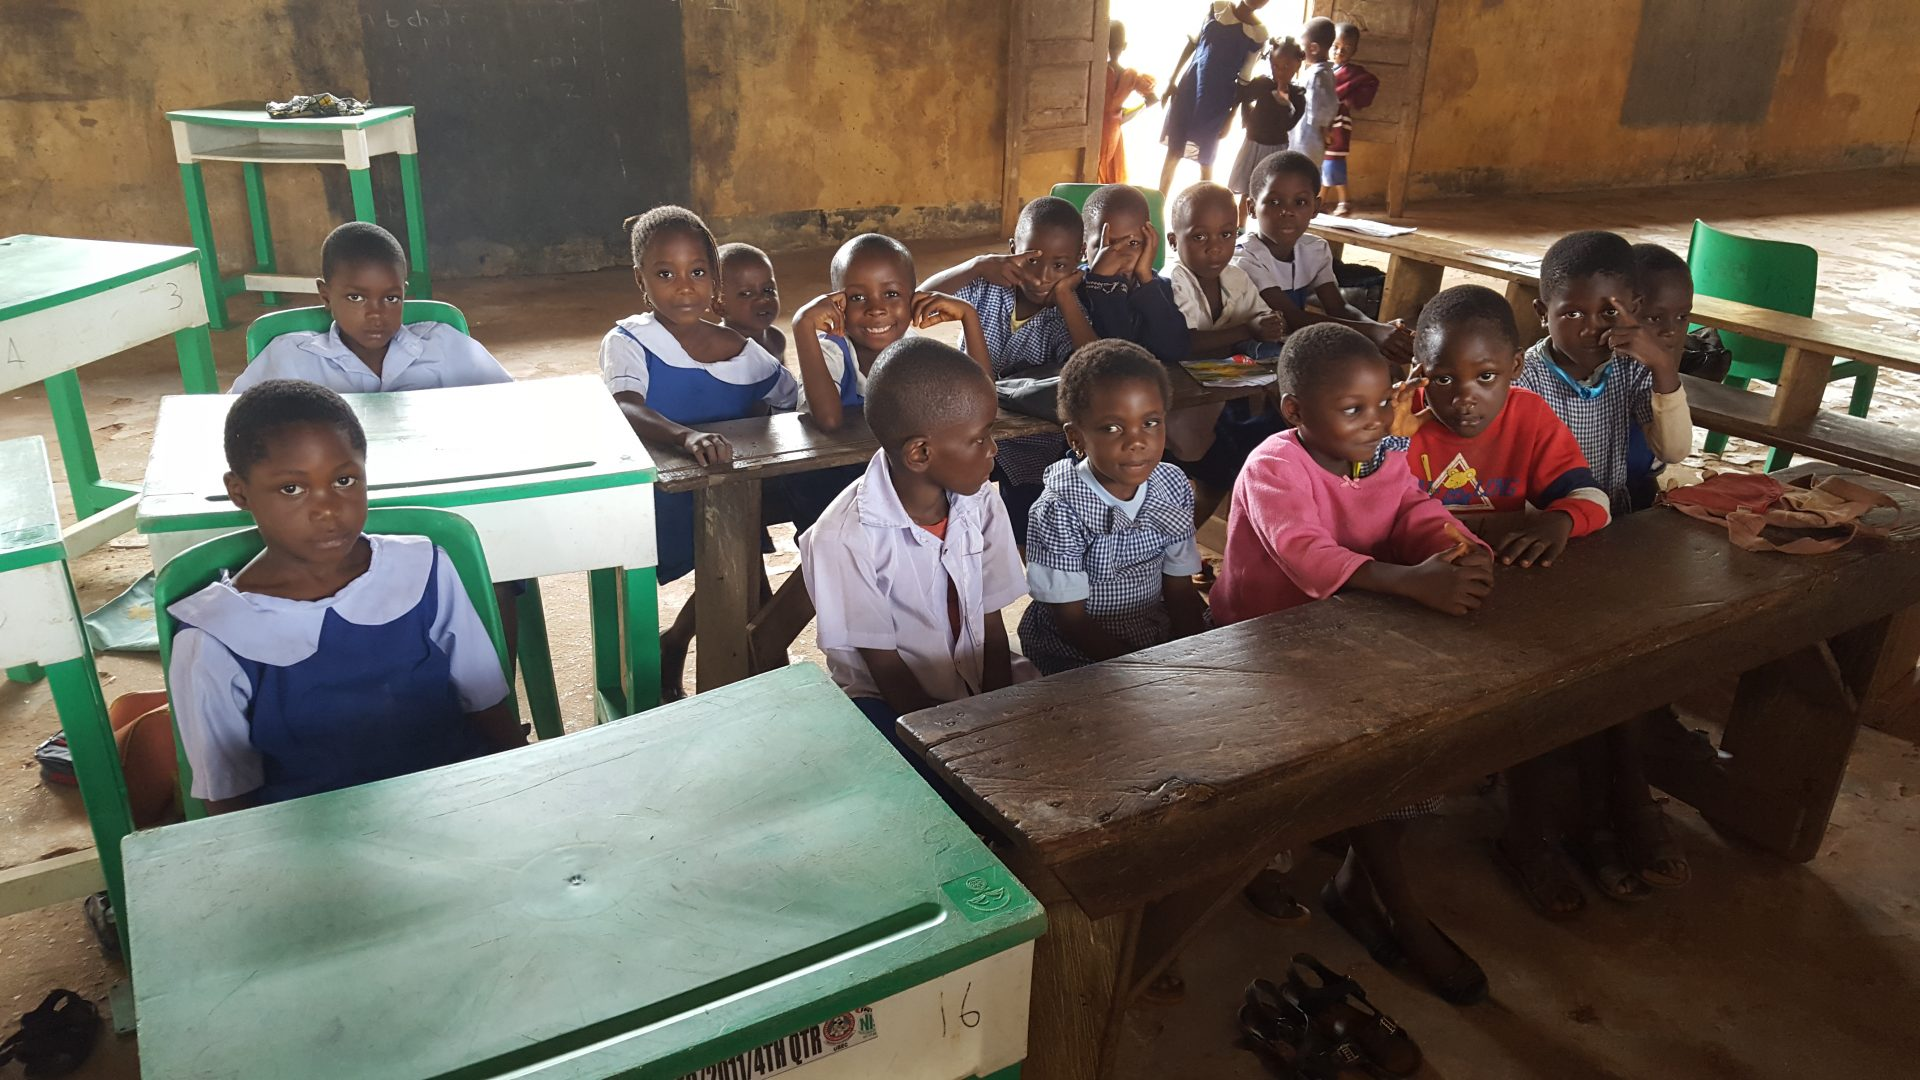 Kinderen in een schoolklas in Nigeria.